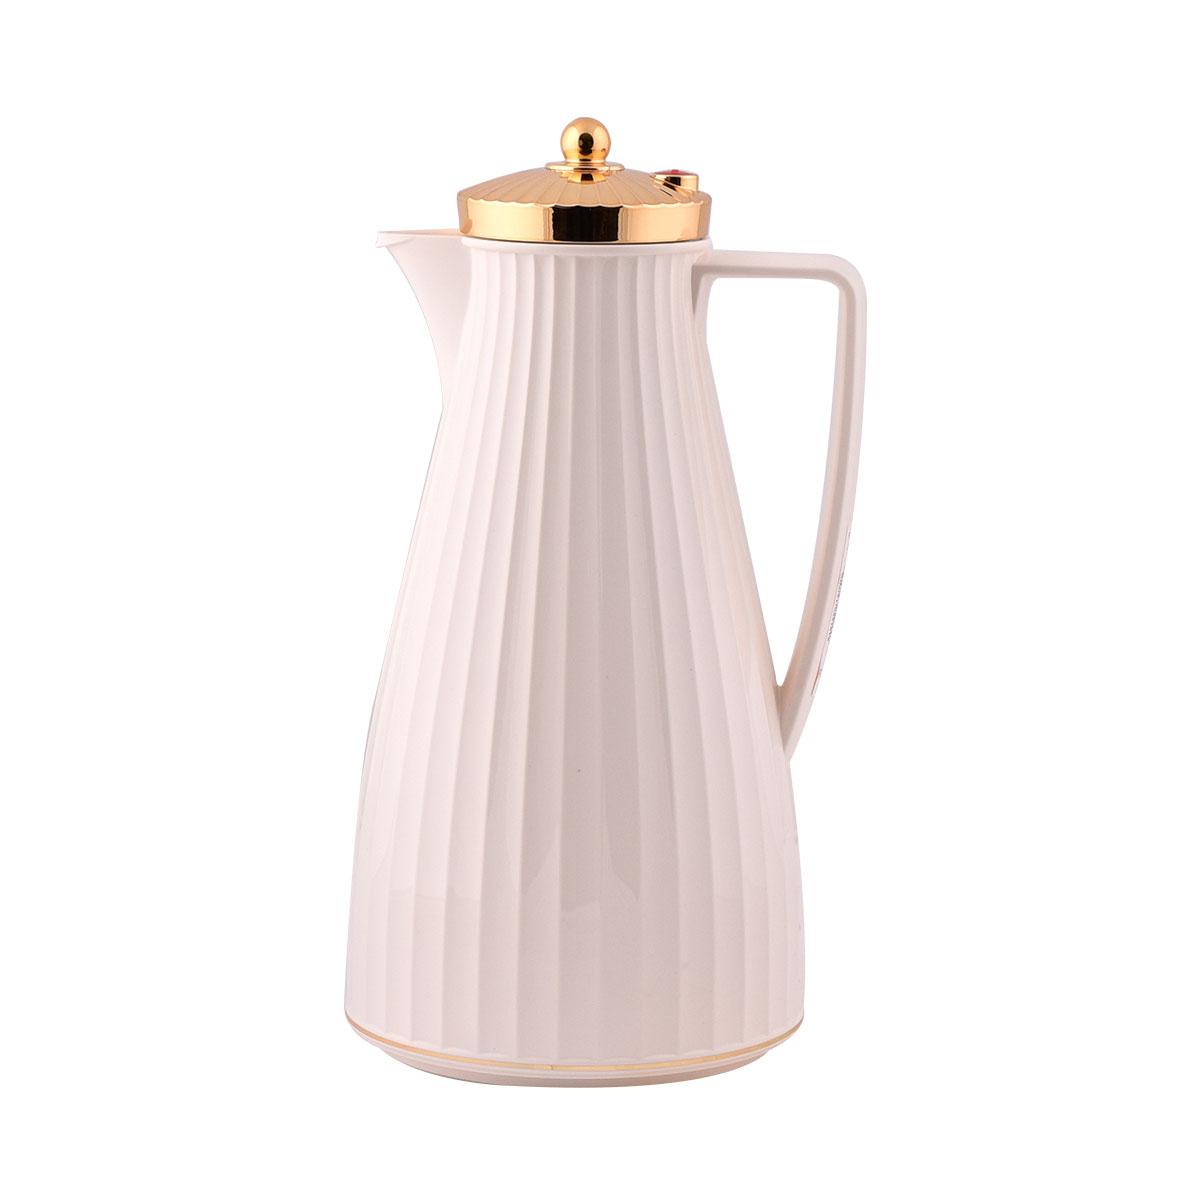 ترمس شاي وقهوة فلورا السيف لون بيج بغطاء ذهبي - 1.2لتر  - IWG